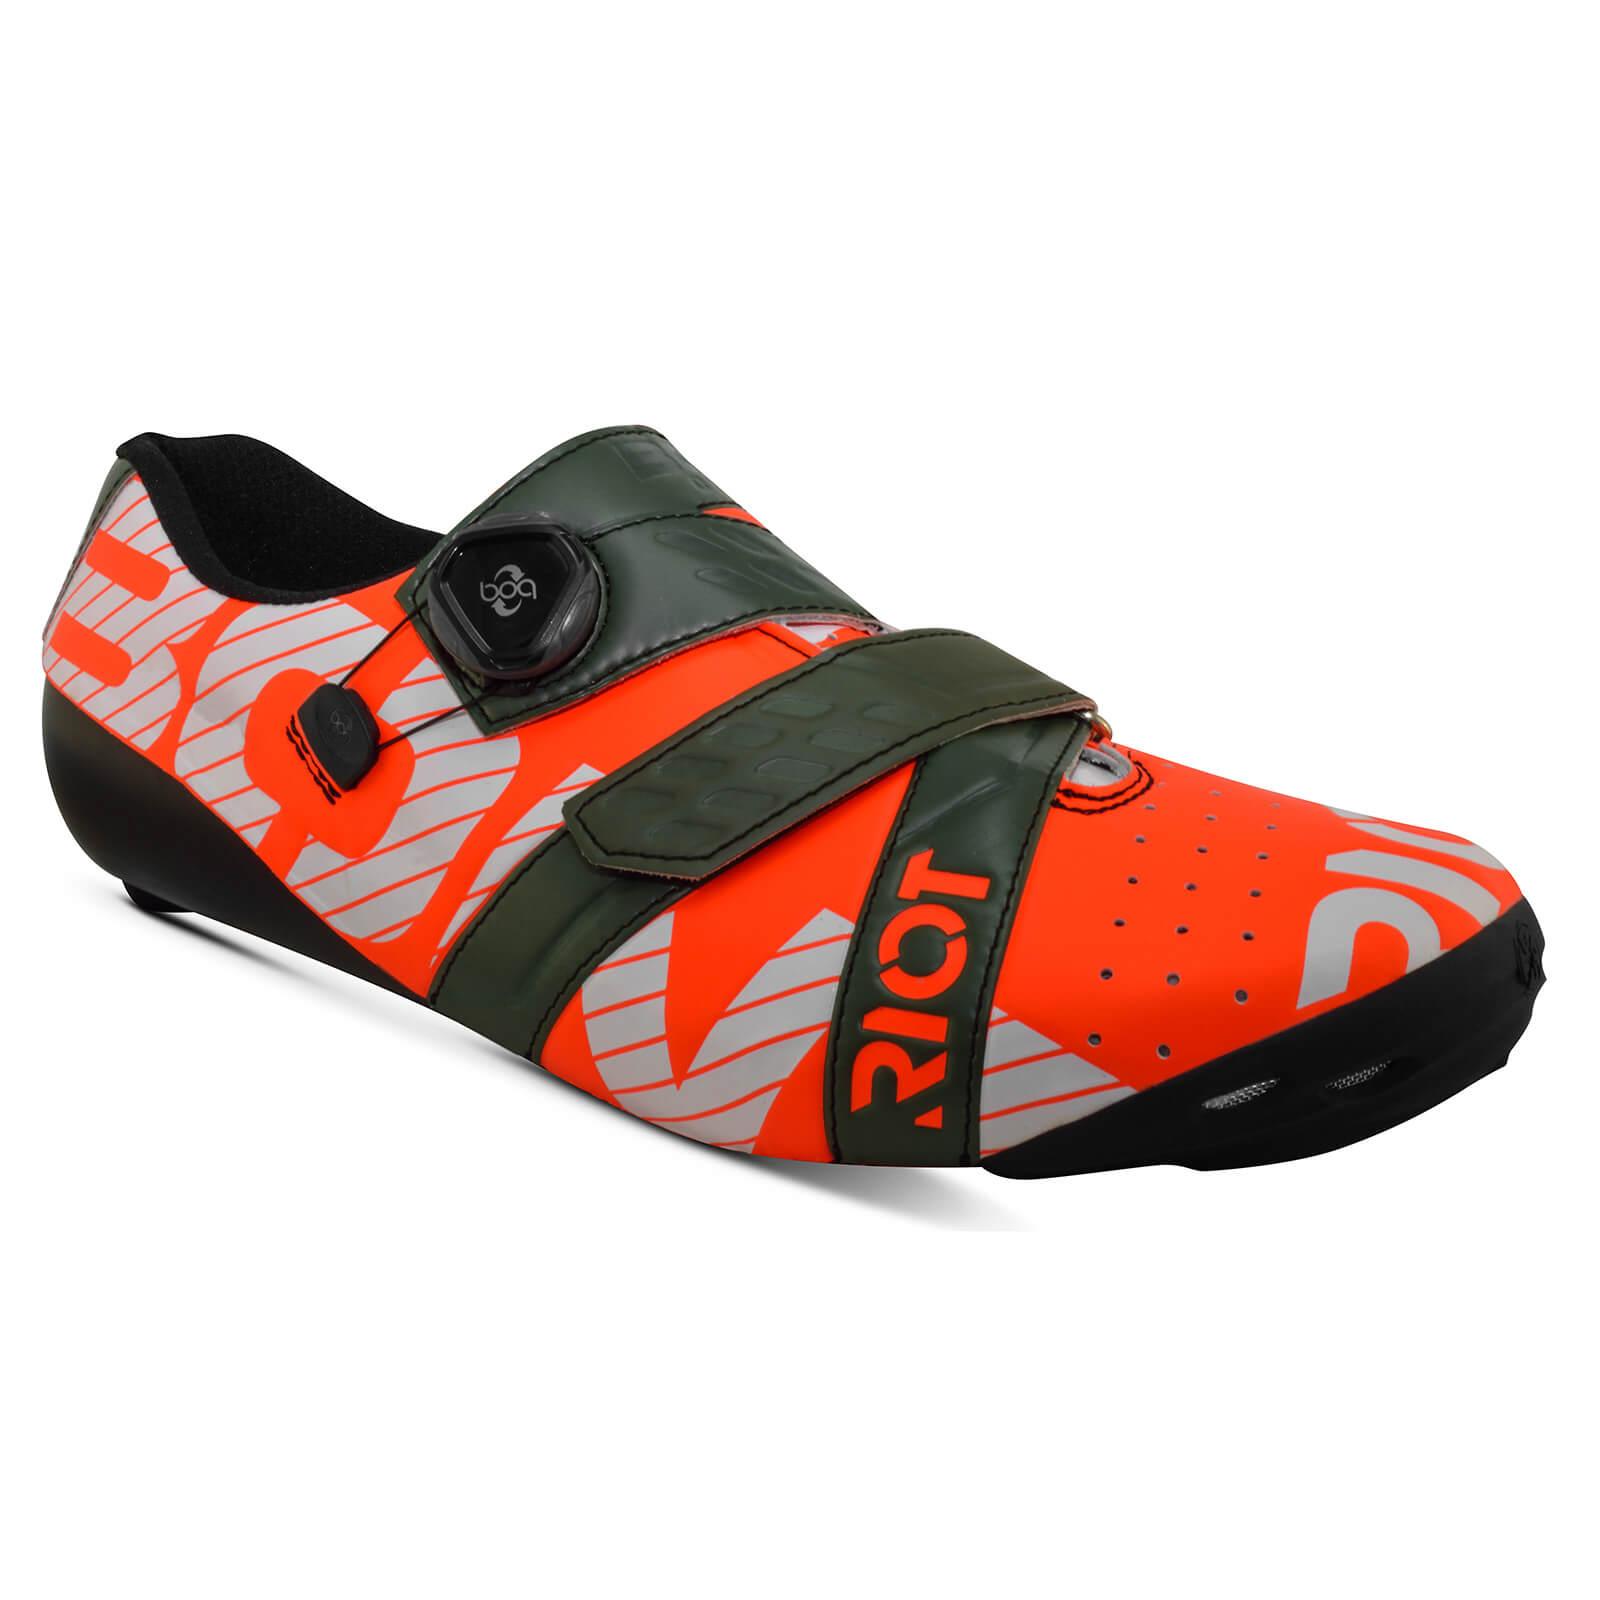 Bont Riot+ Road Shoes - EU 39 - Red/Green